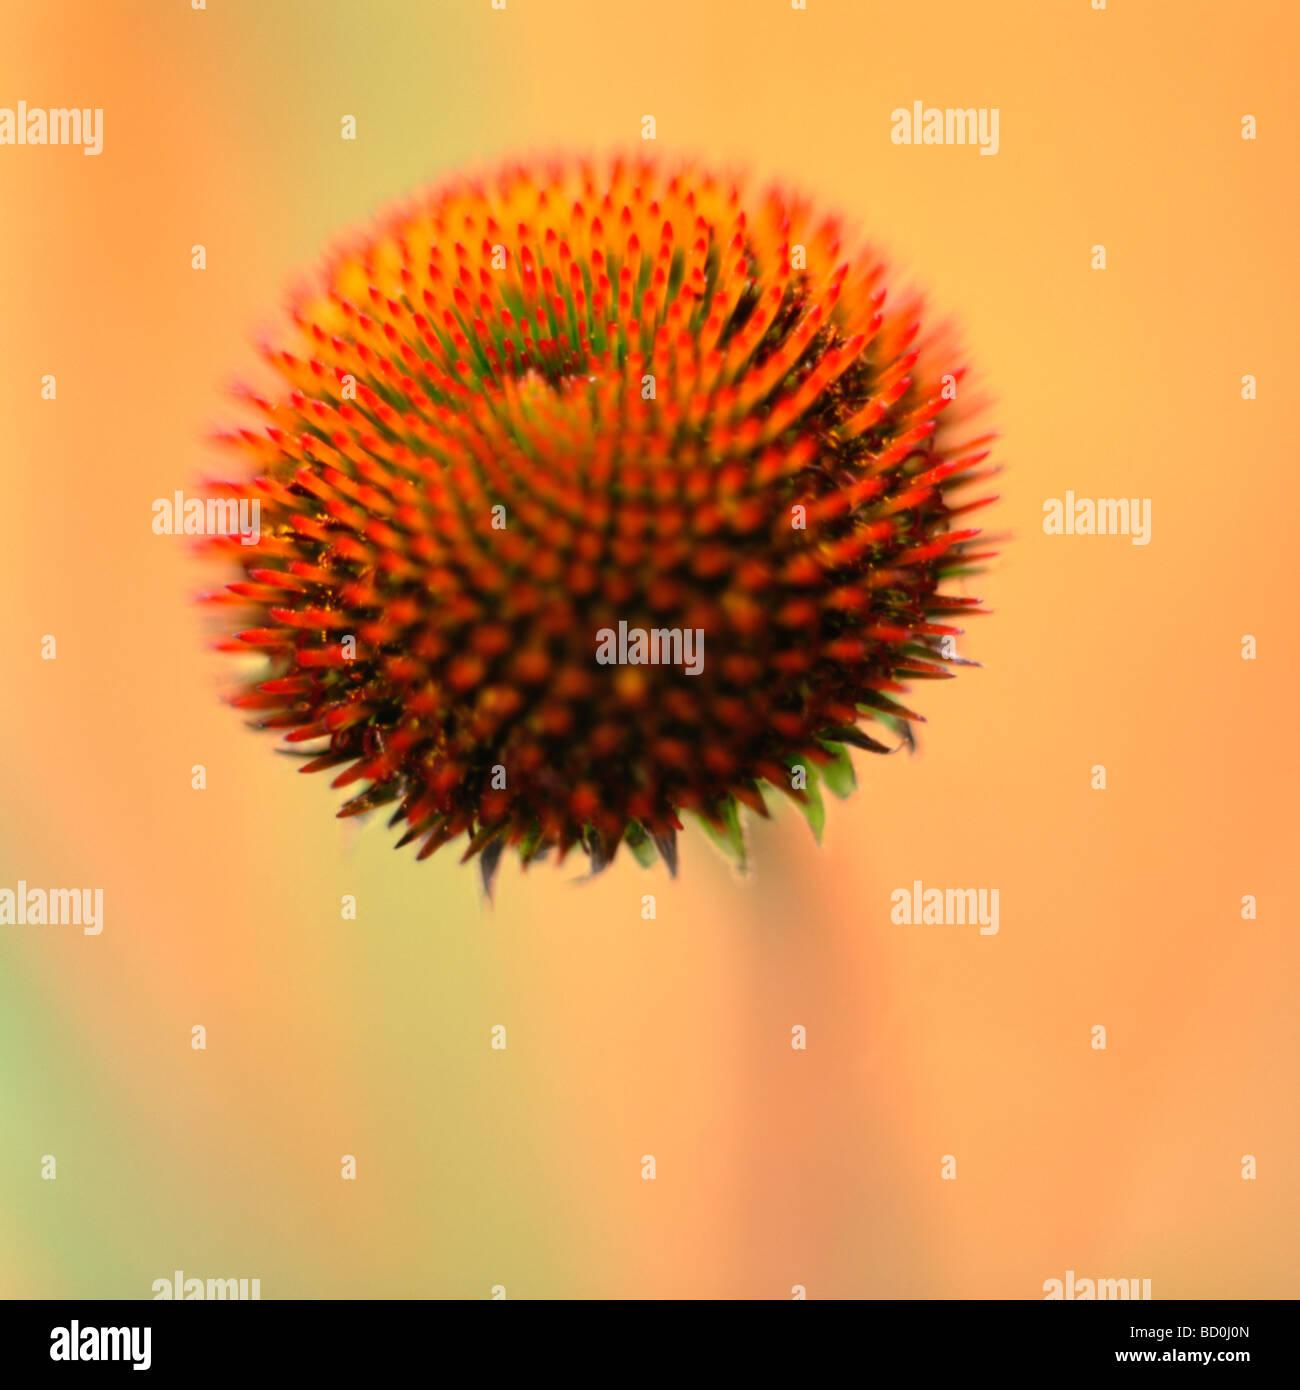 Una llamativa flor encontrada en medicinas herbarias fotografía artística Jane Ann Butler Fotografía JABP284 Foto de stock